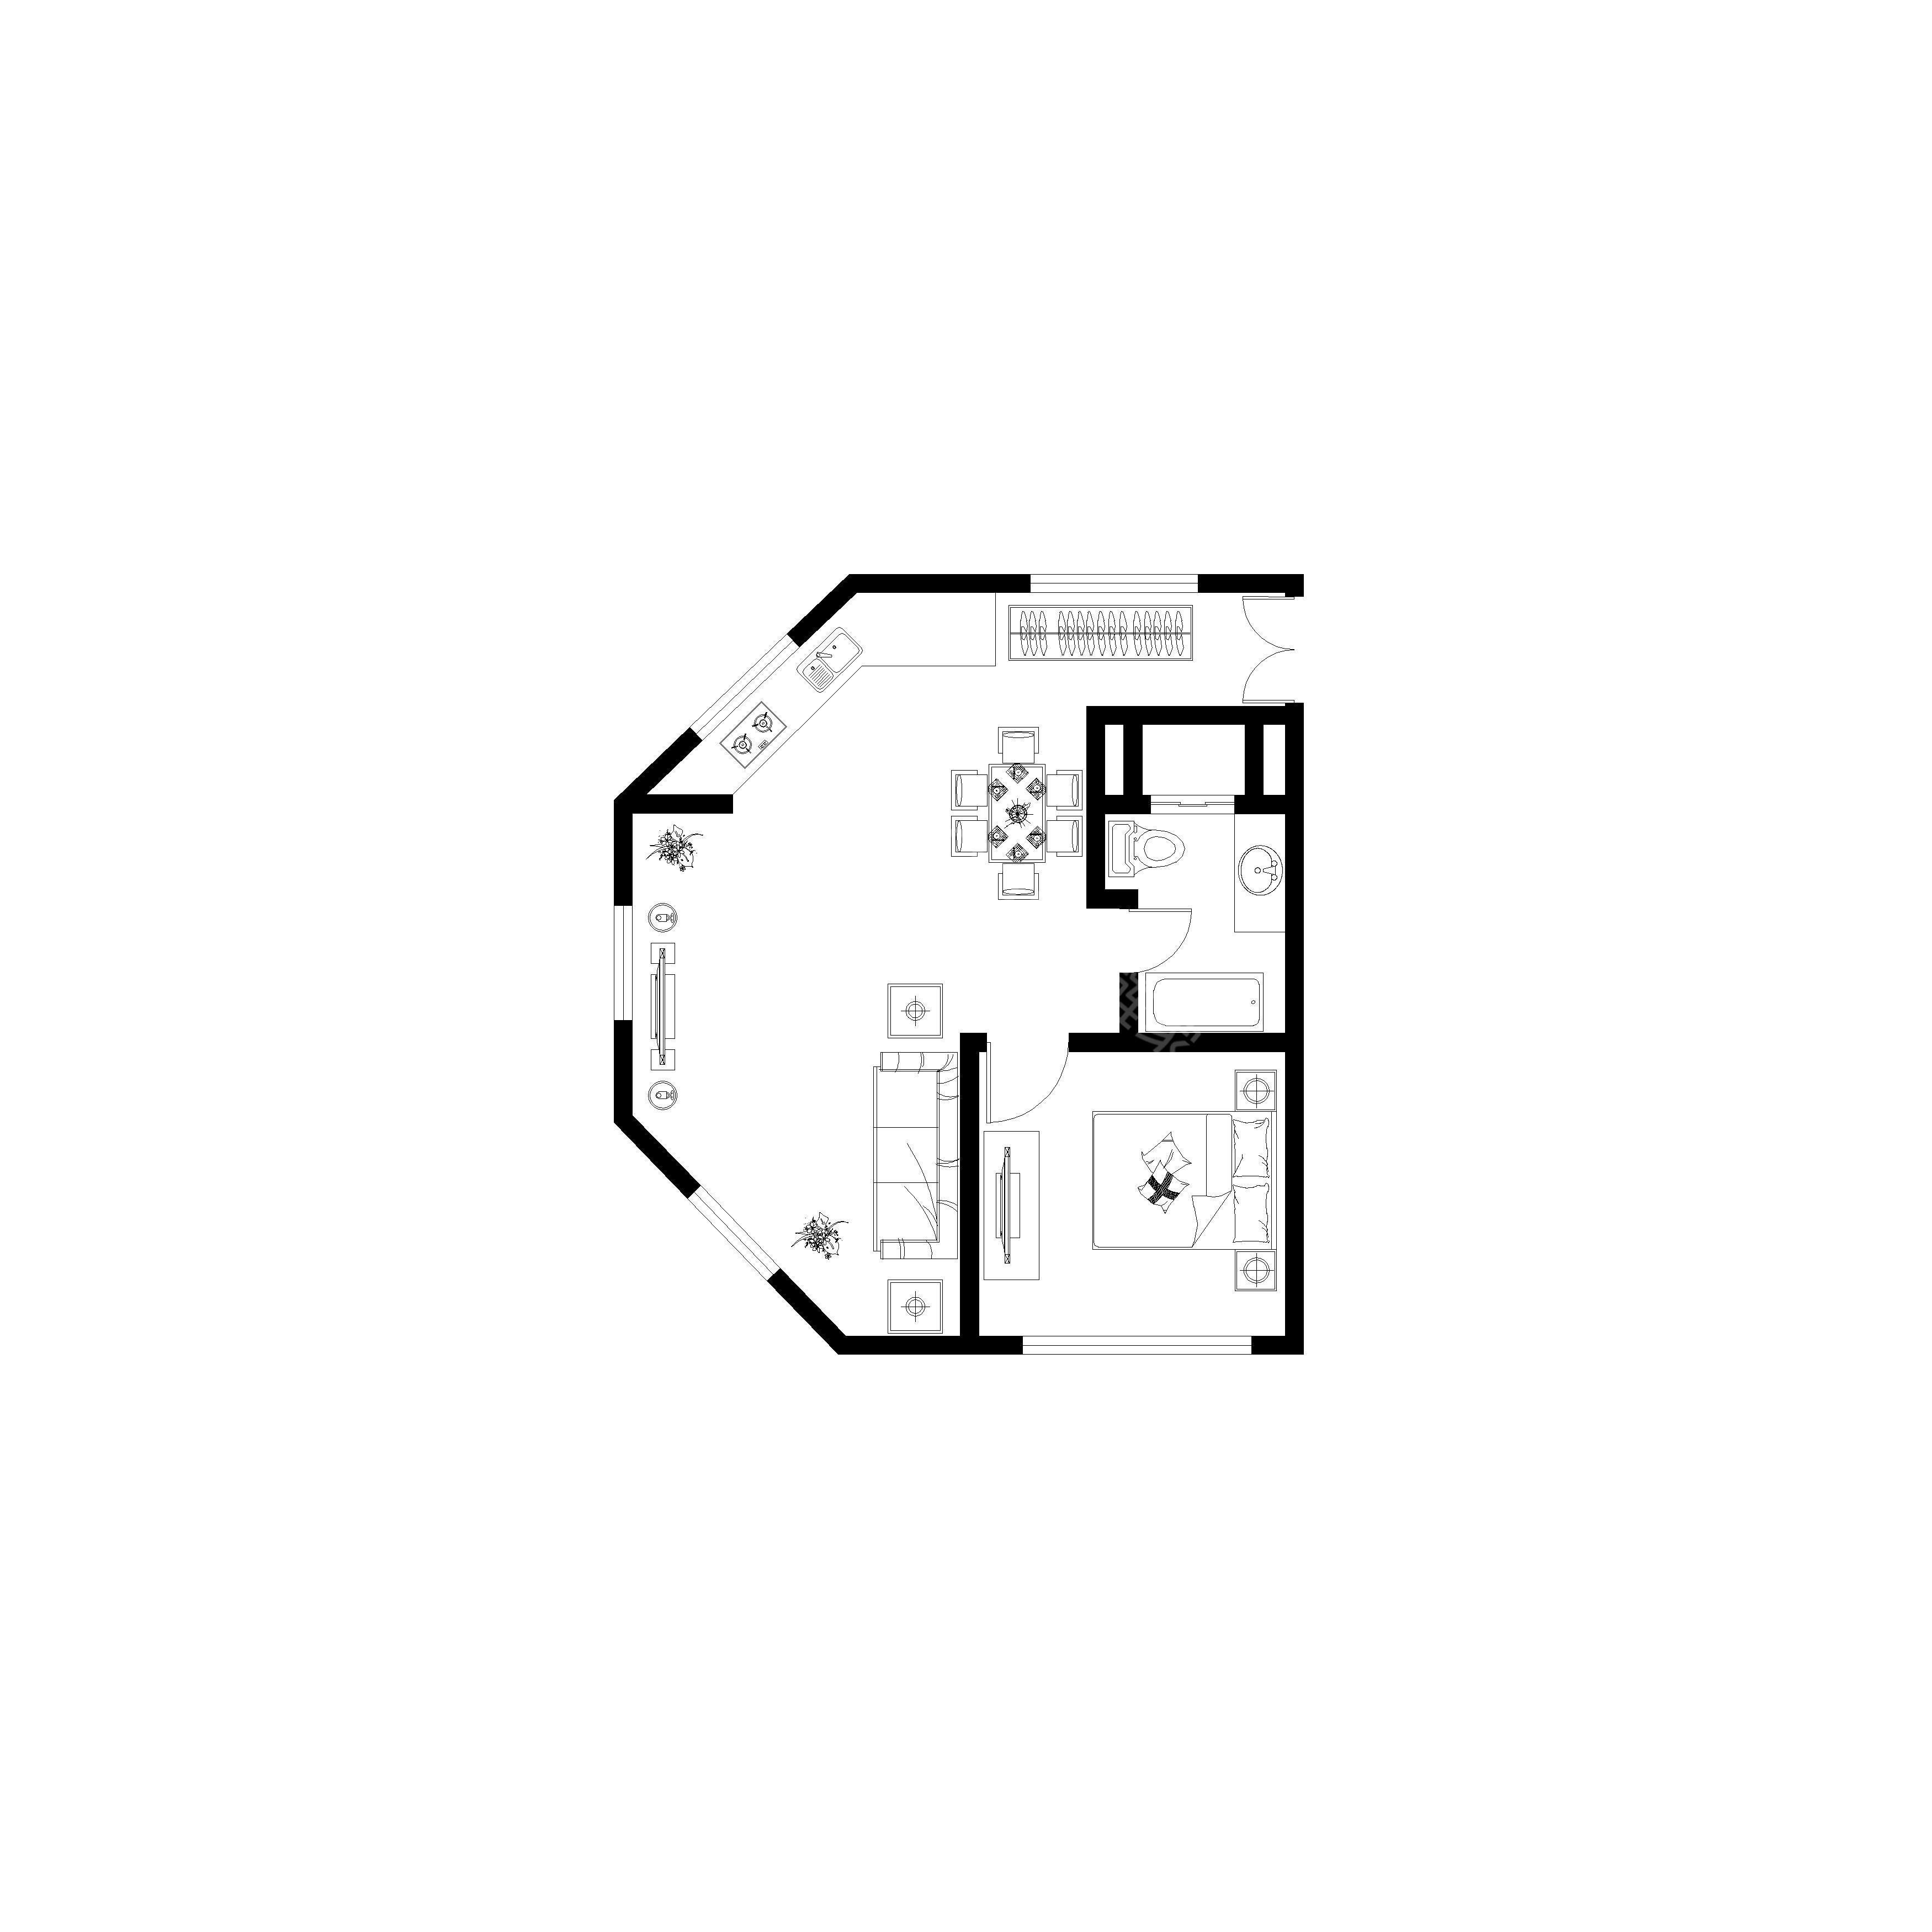 三层两间房屋设计图展示